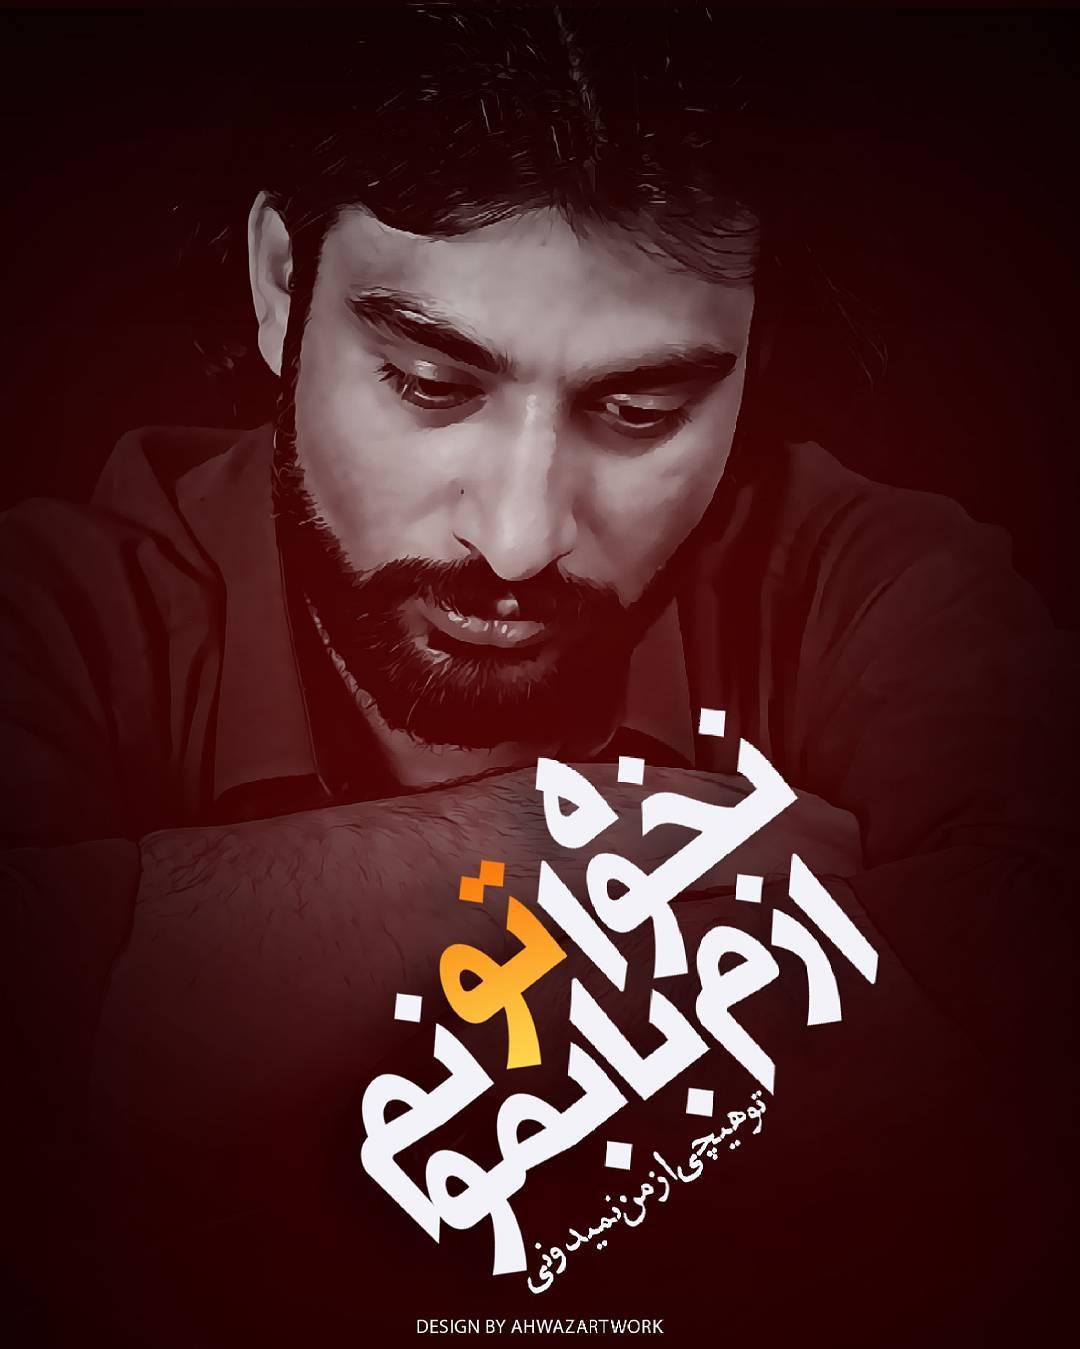 نسخه بیکلام آهنگ راز از ناصر عبداللهی